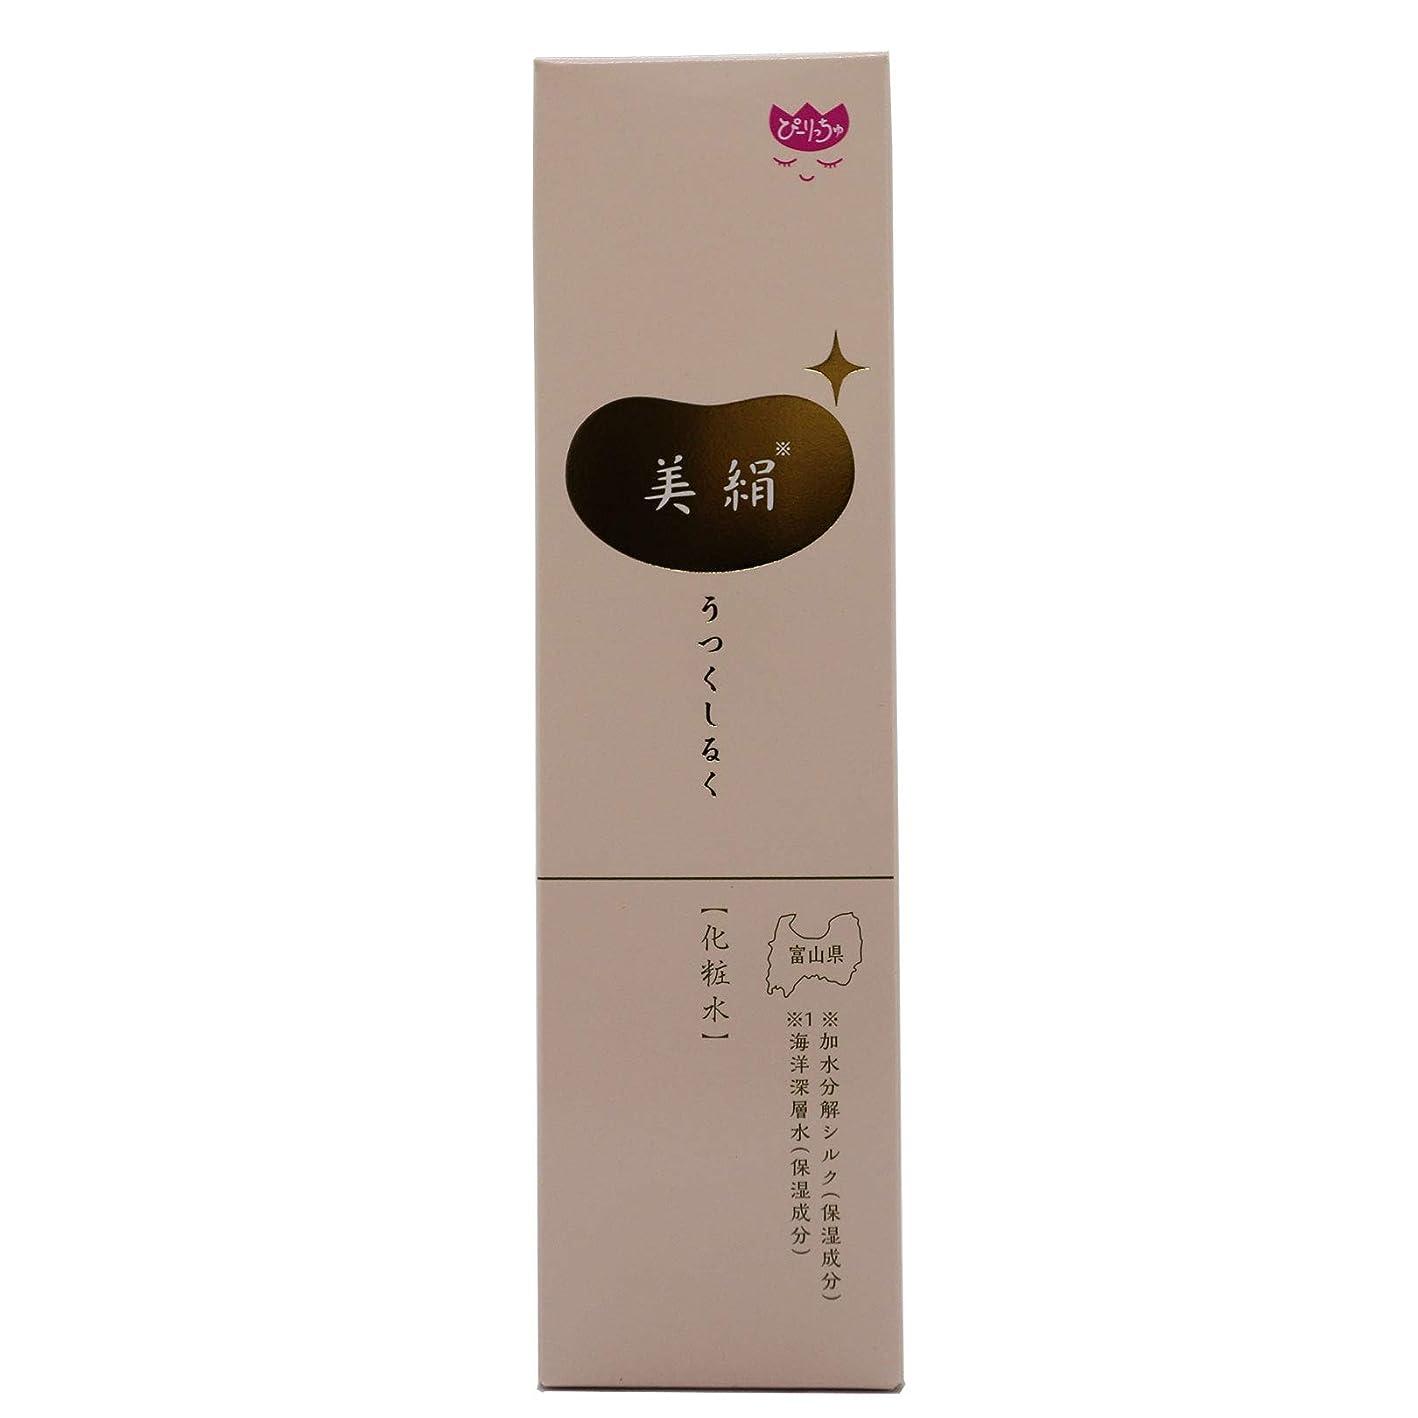 美絹(うつくしるく)化粧水 加水分解シルク?海洋深層水配合 150ml (ピンク)